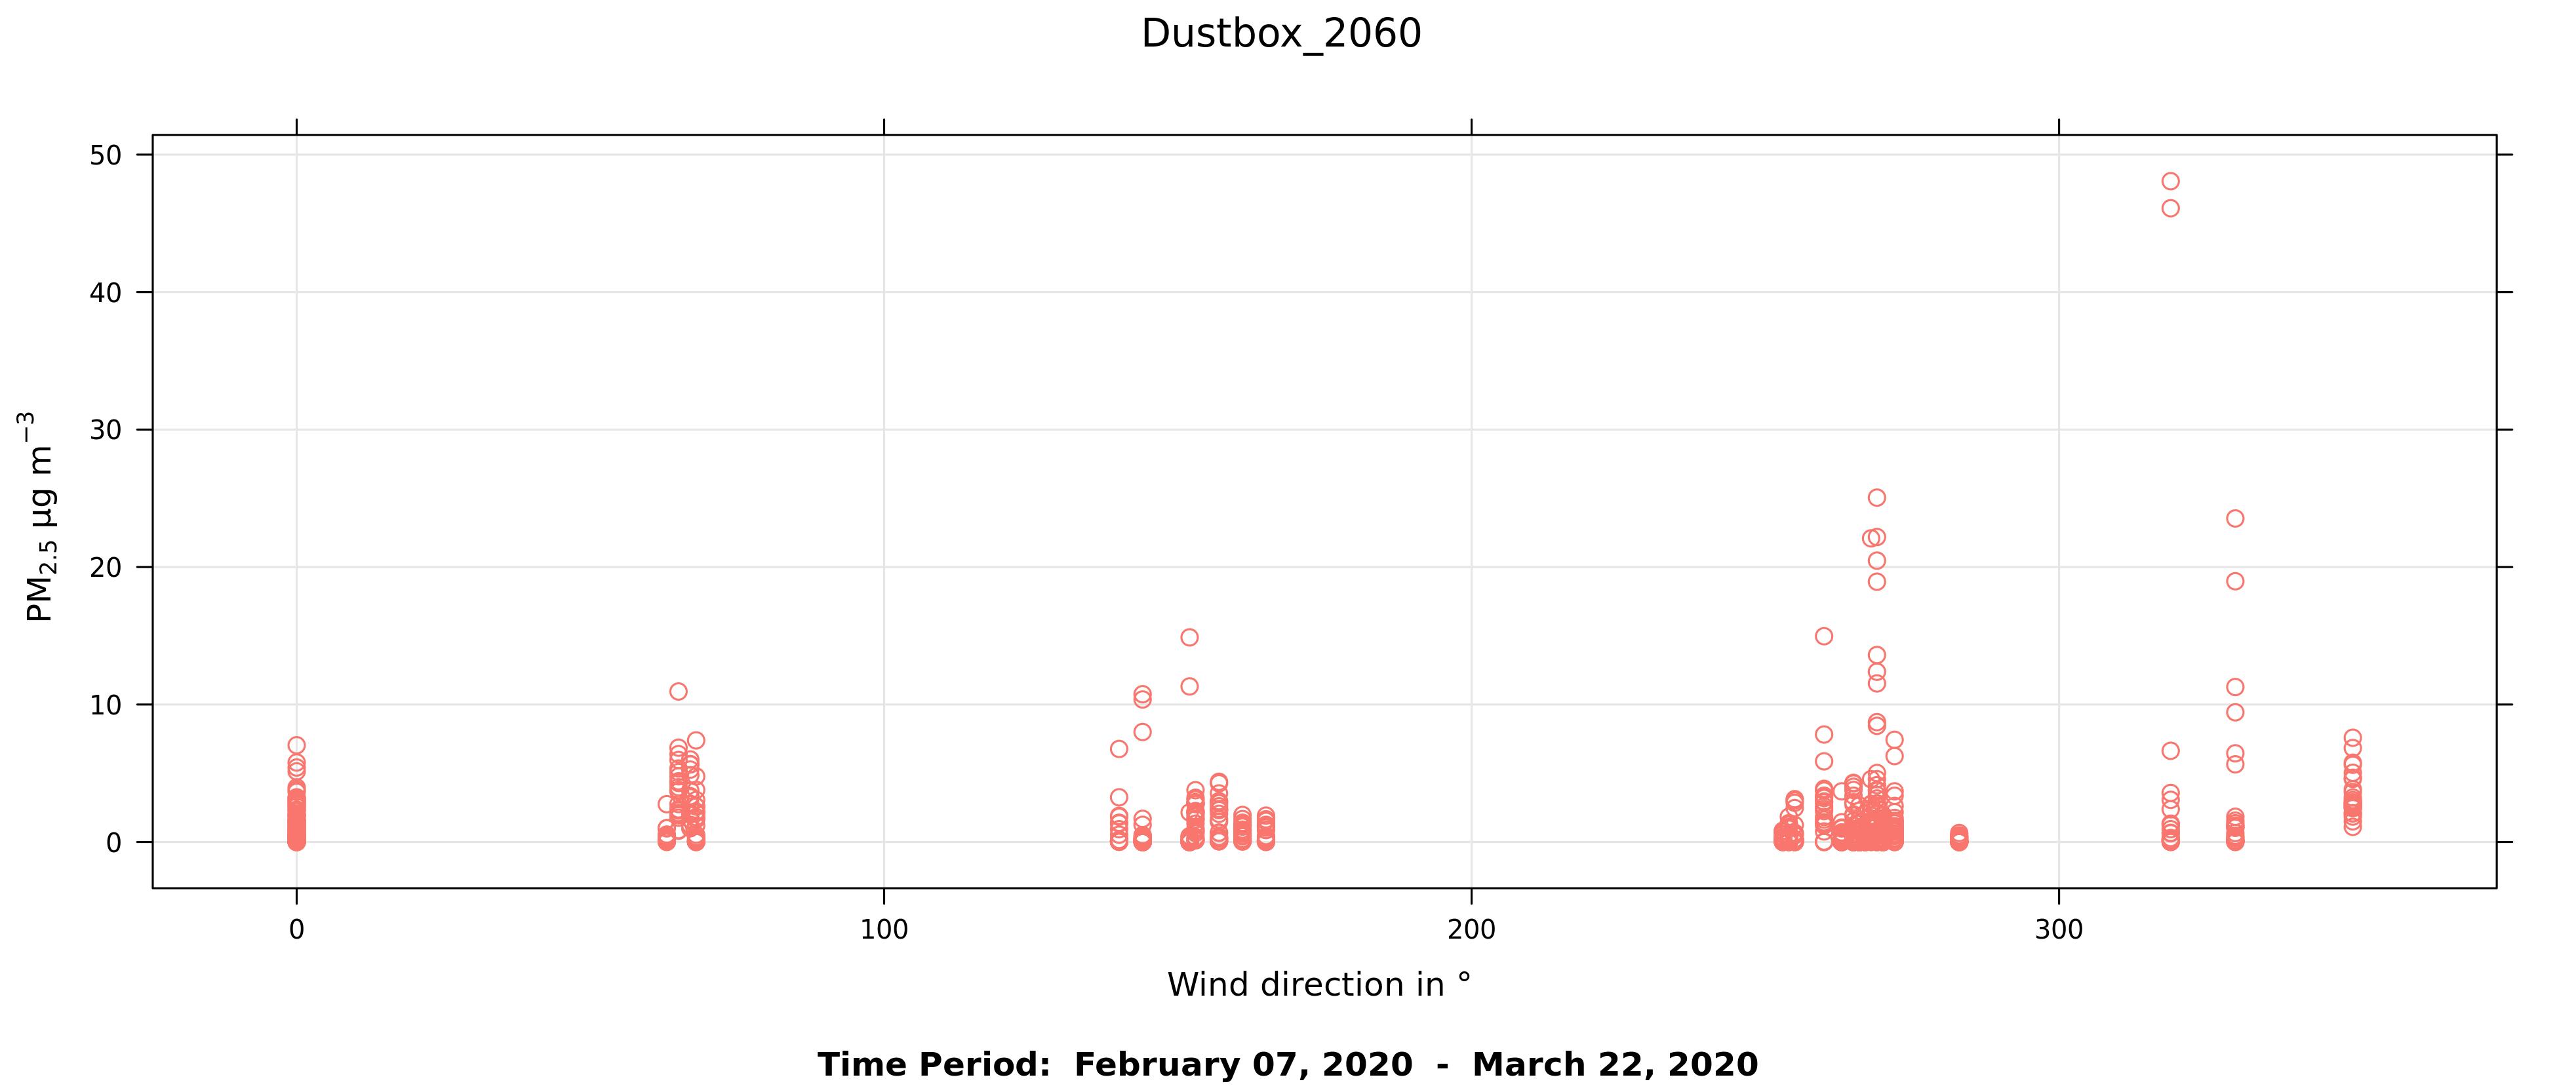 Figure11b_2060_ScatterPreLockdown